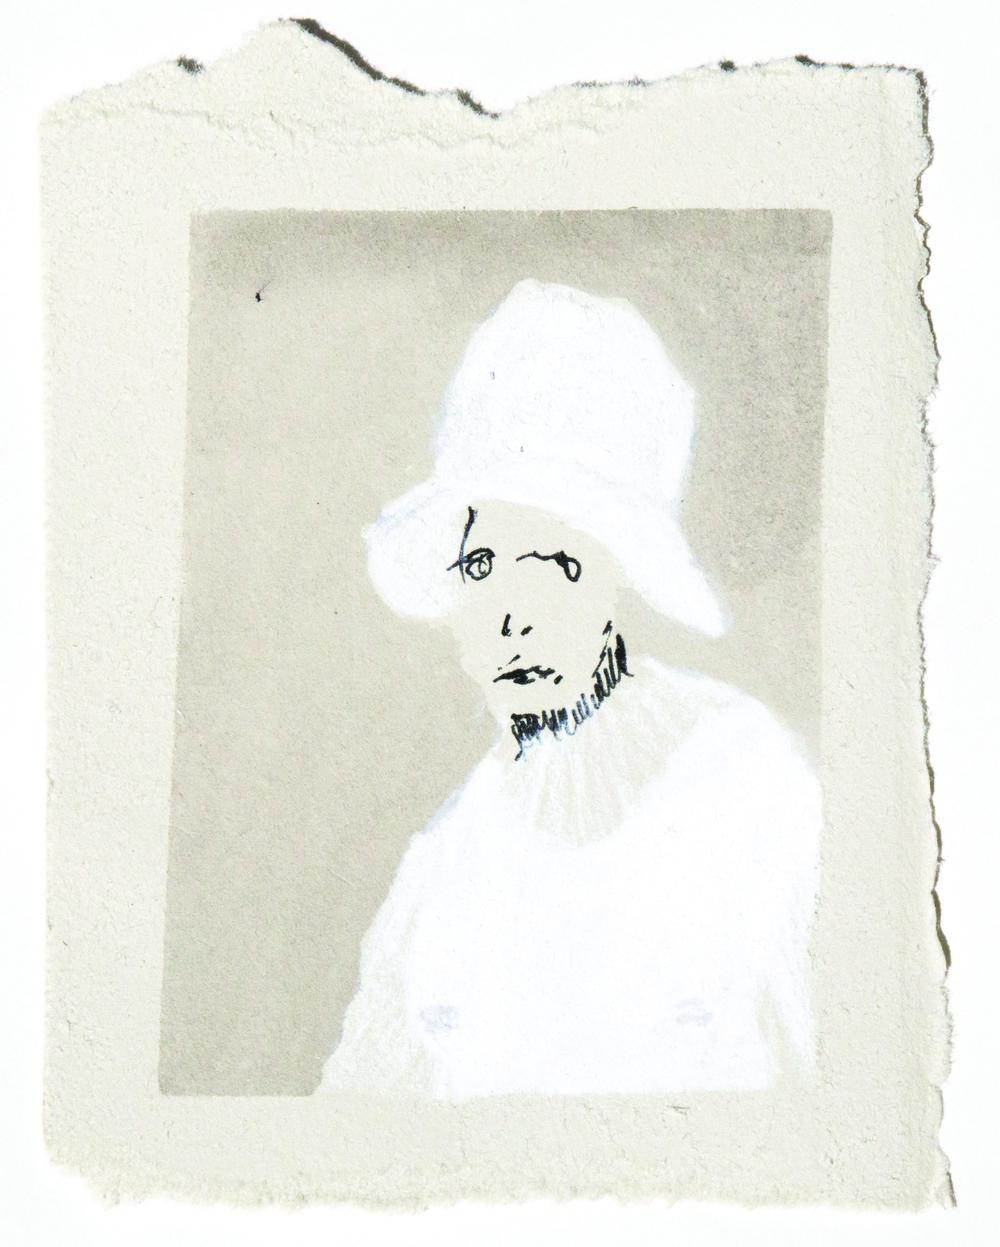 forprint1.jpg